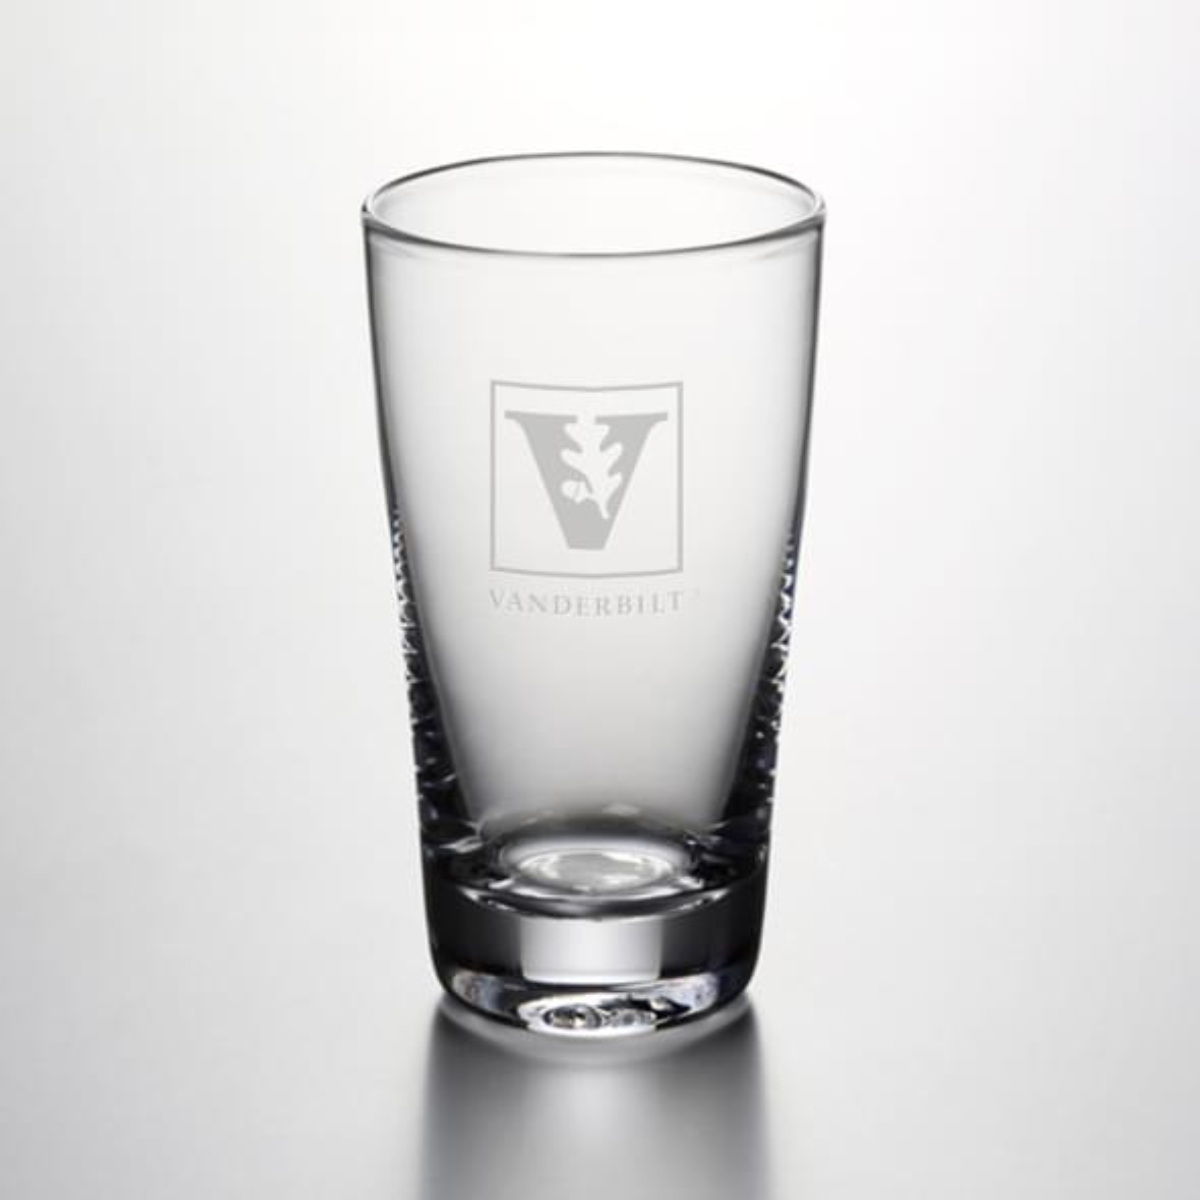 Vanderbilt Pint Glass by Simon Pearce